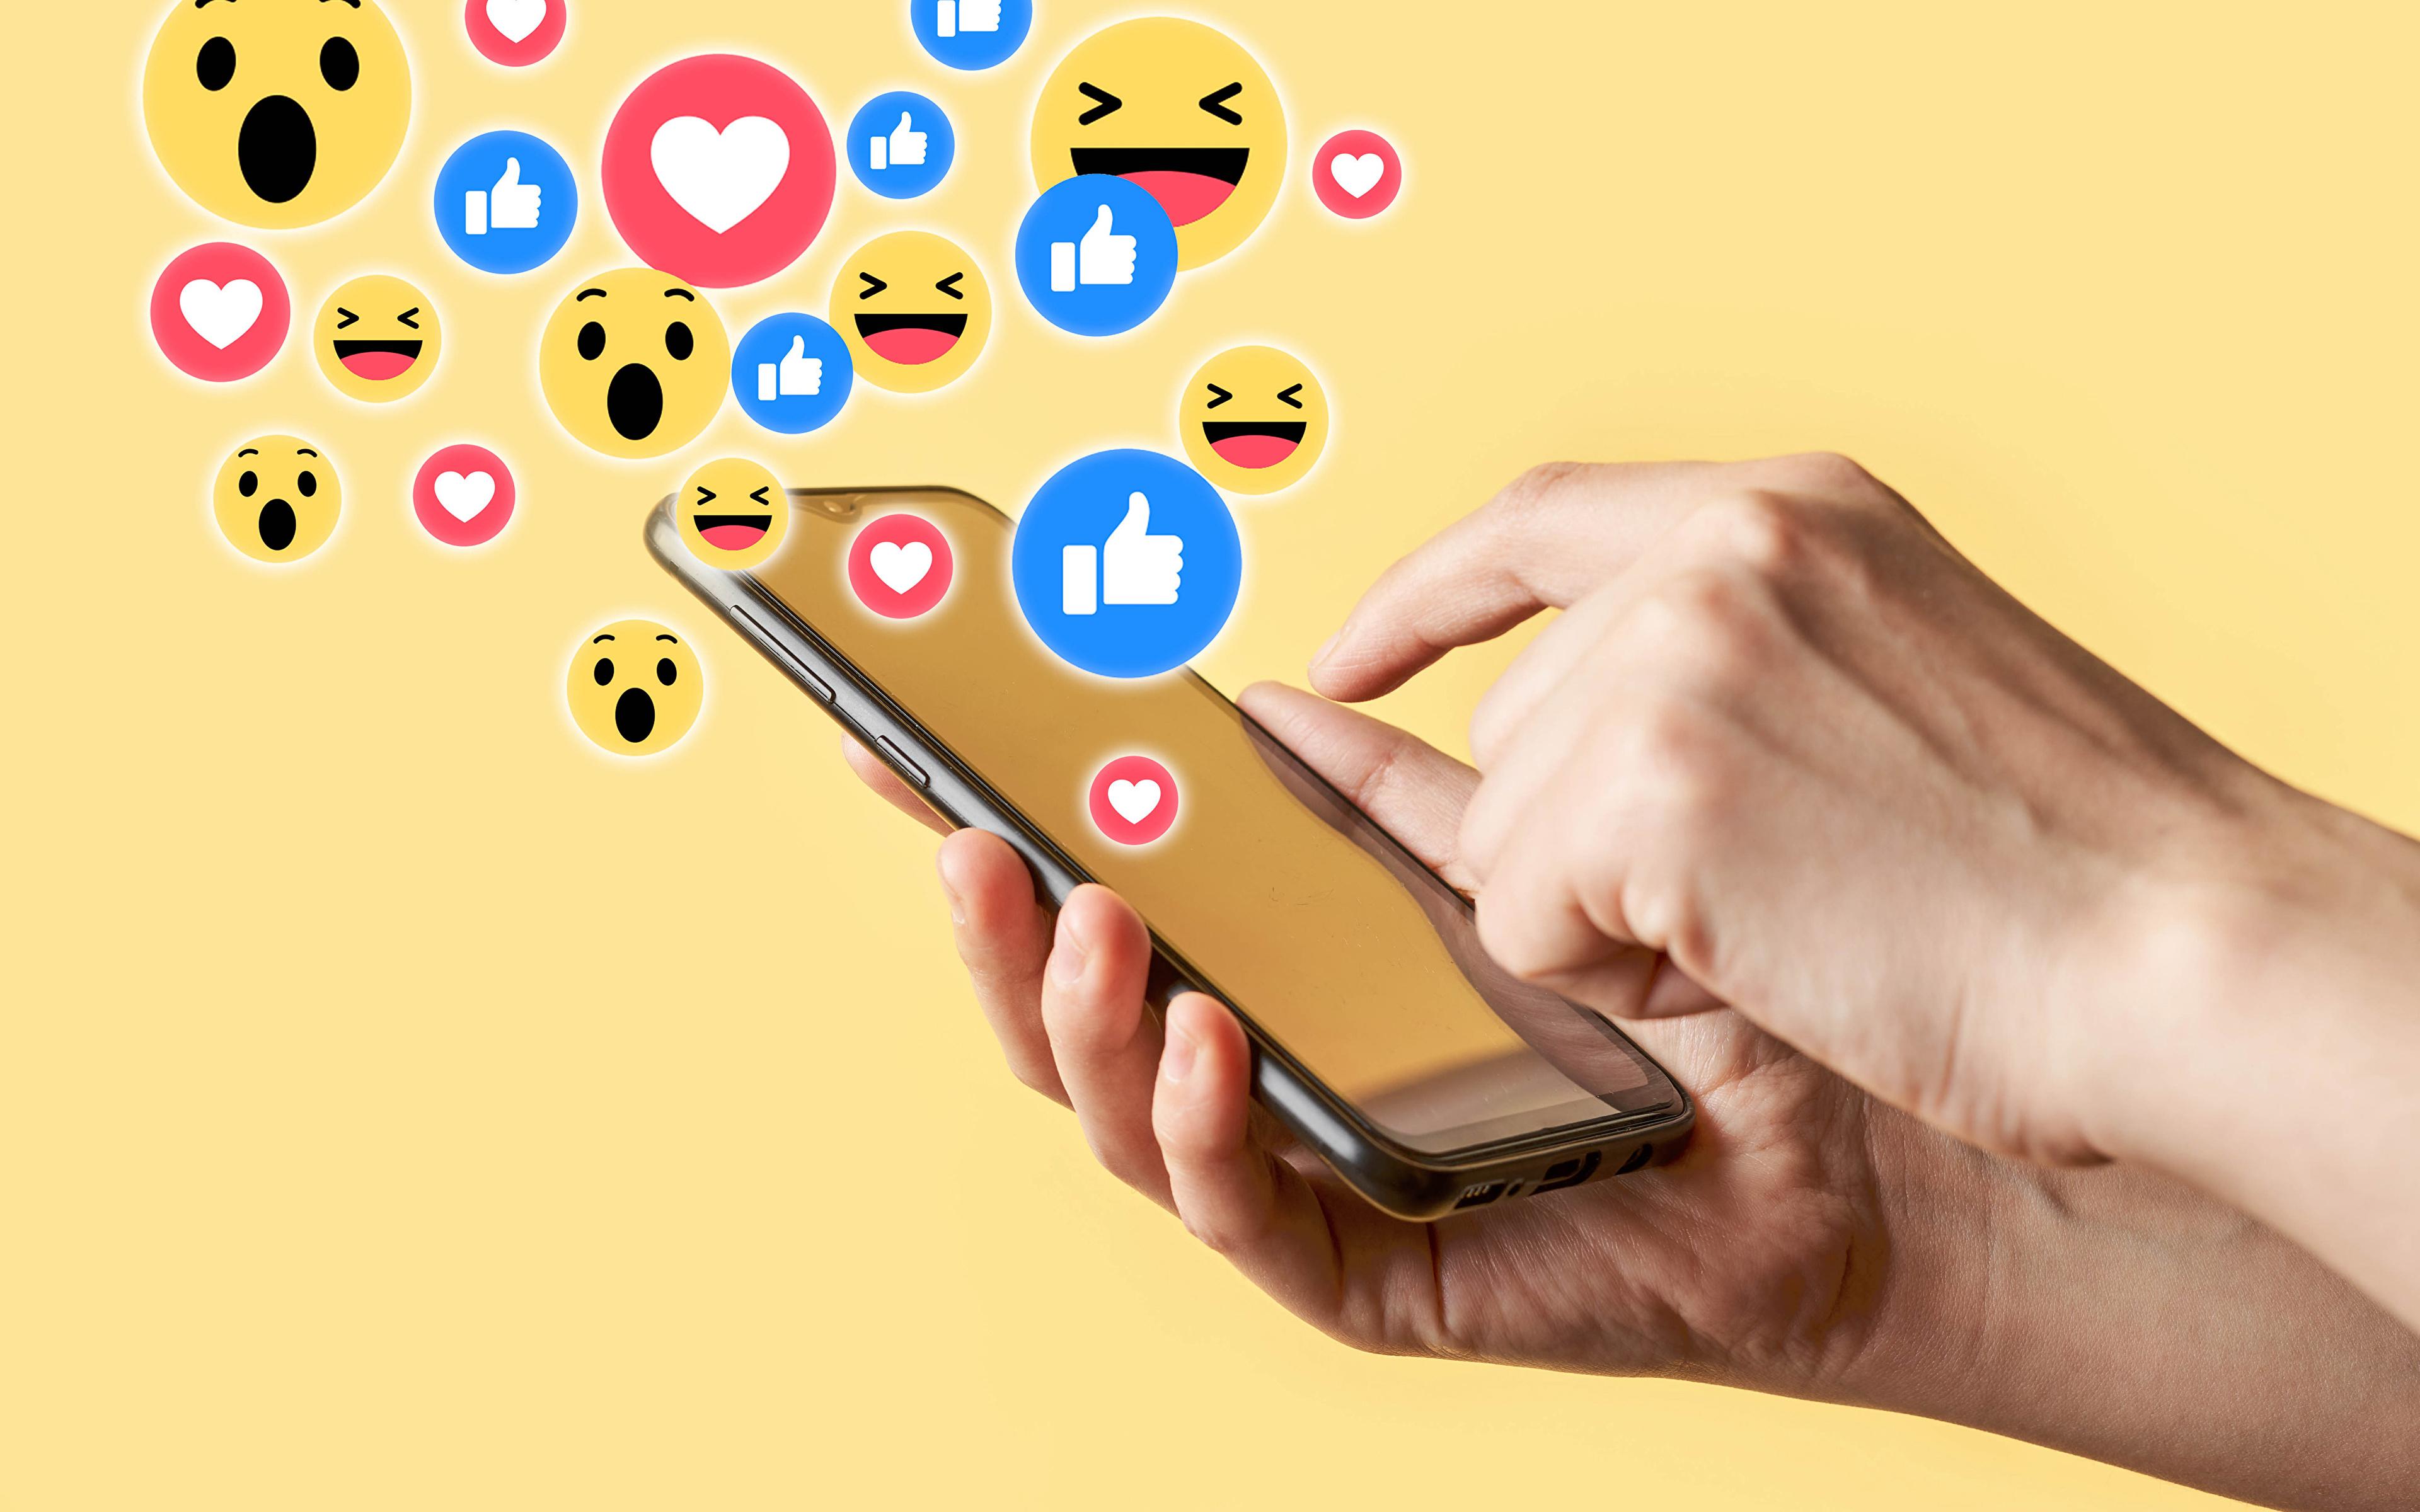 3840x2400 Smilies Smartphone Arrière-plan coloré Main smartphones